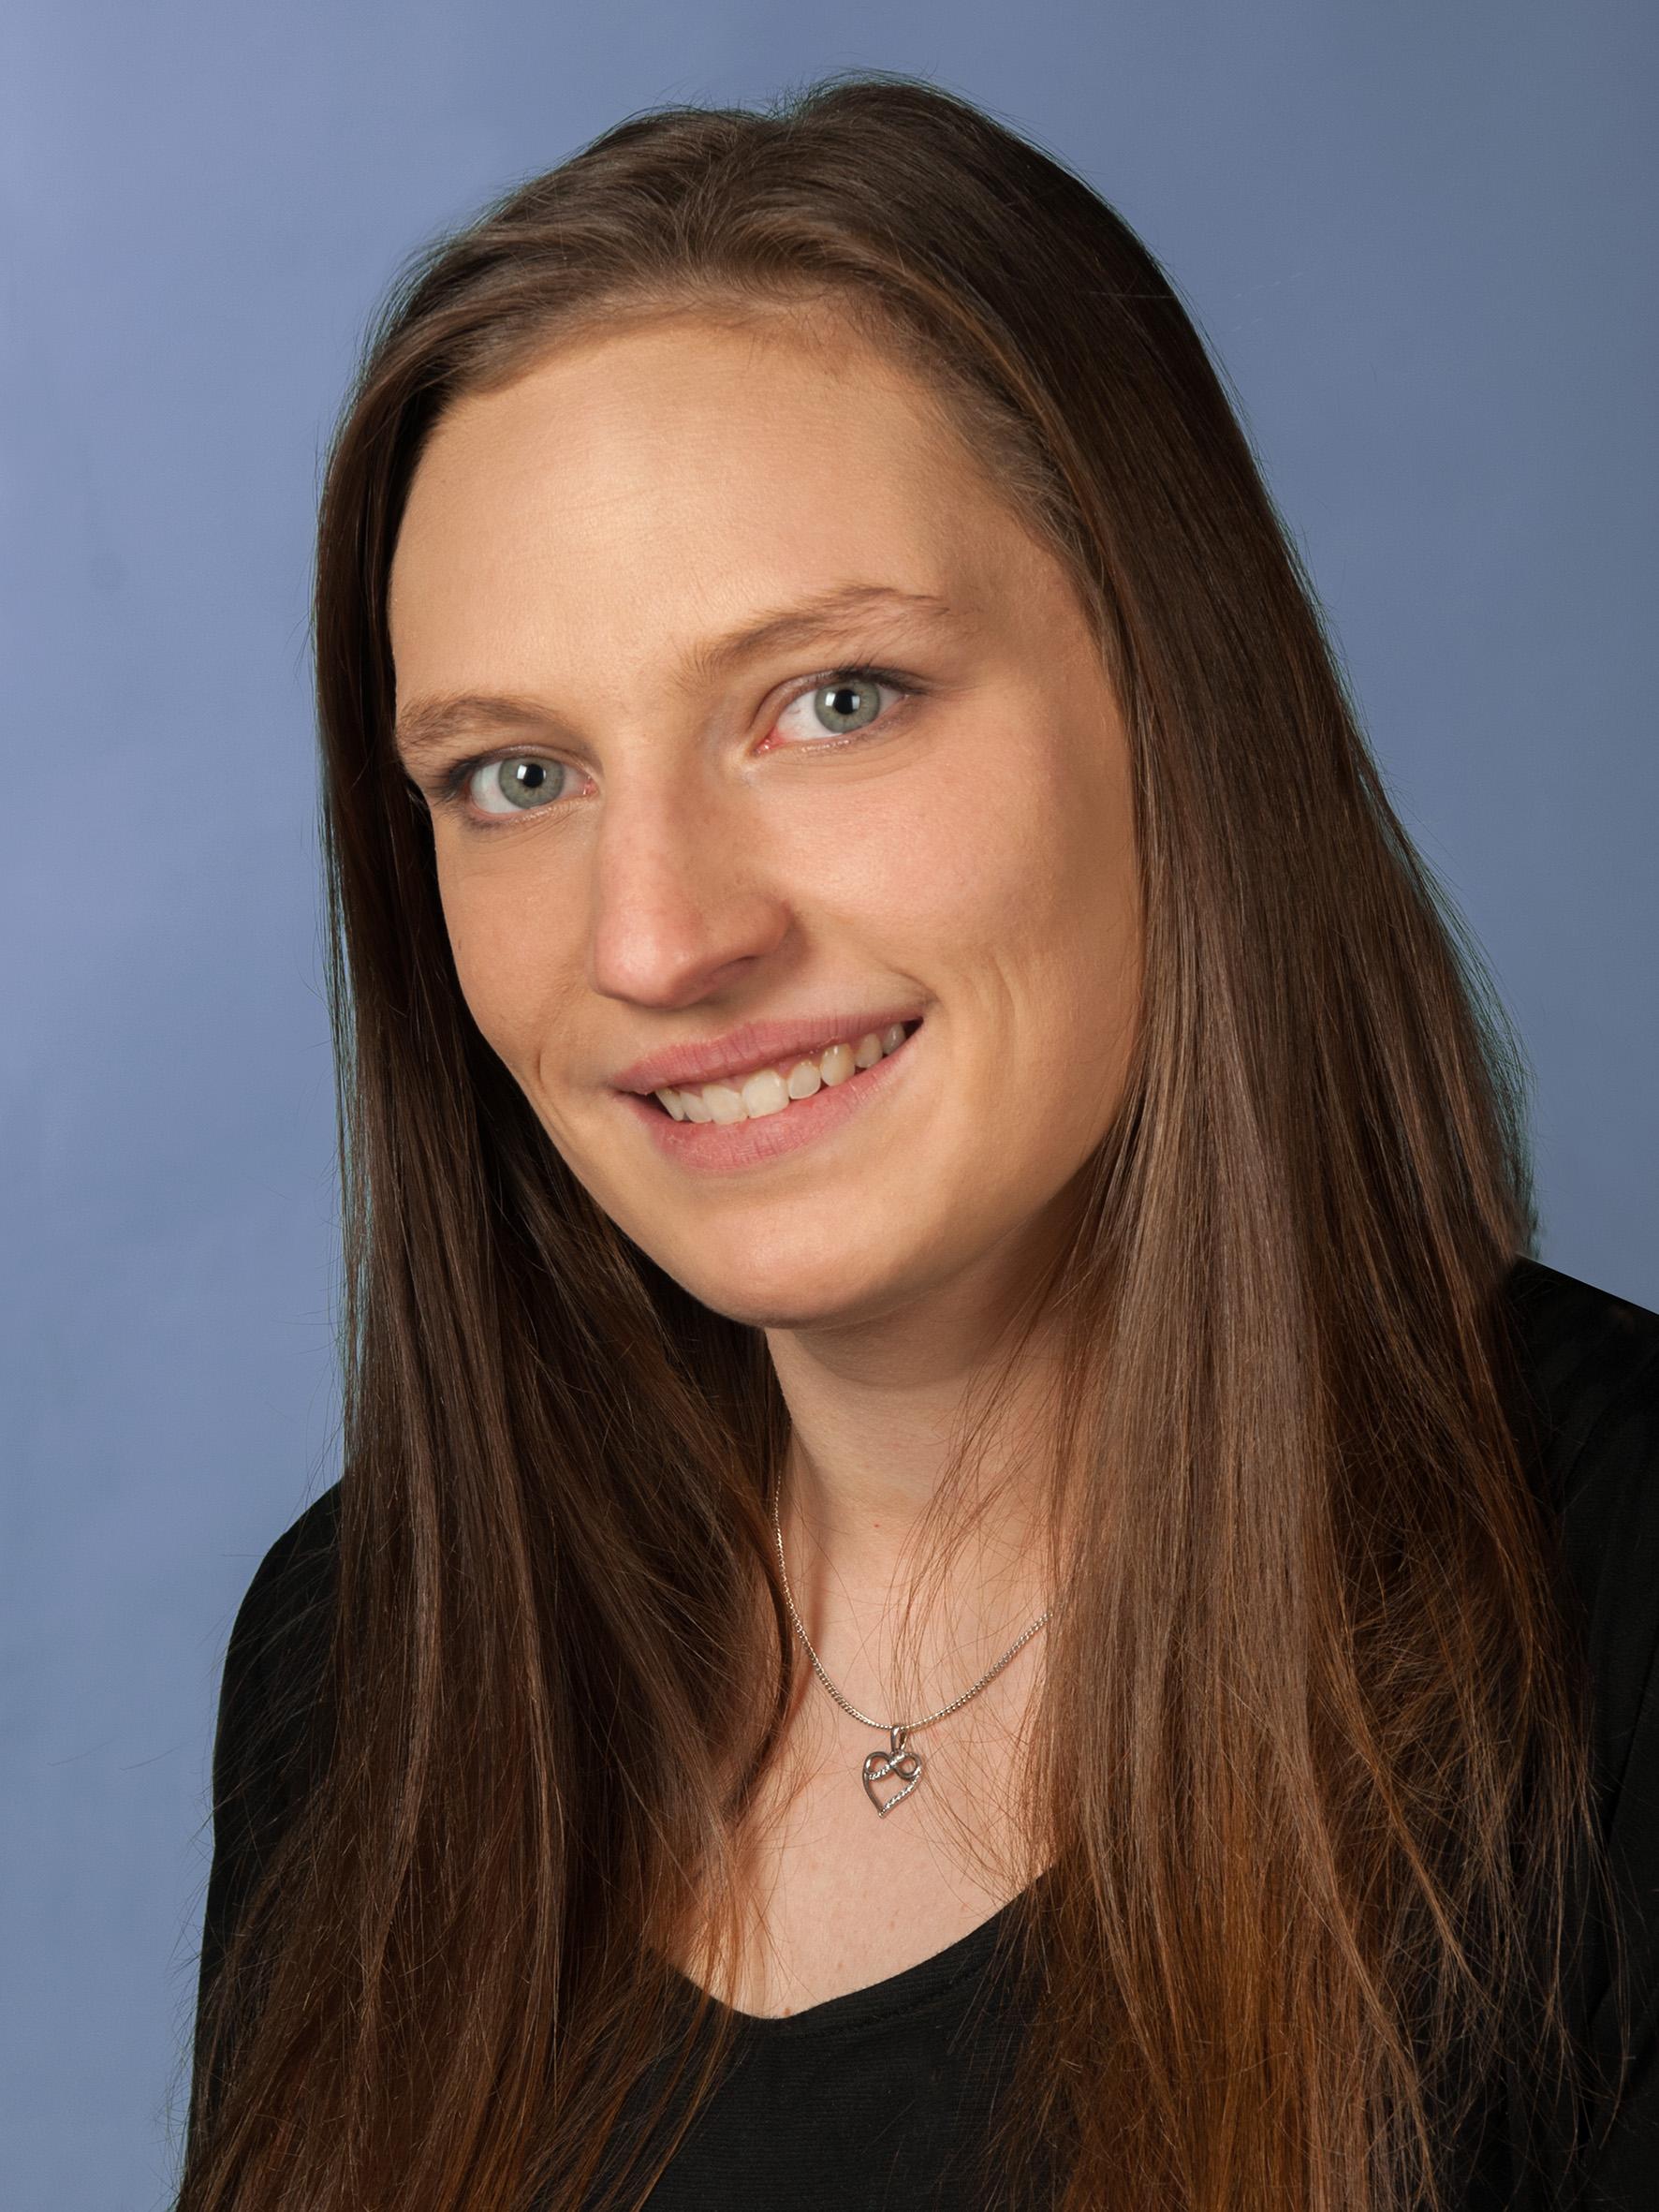 Sophie Hanisch